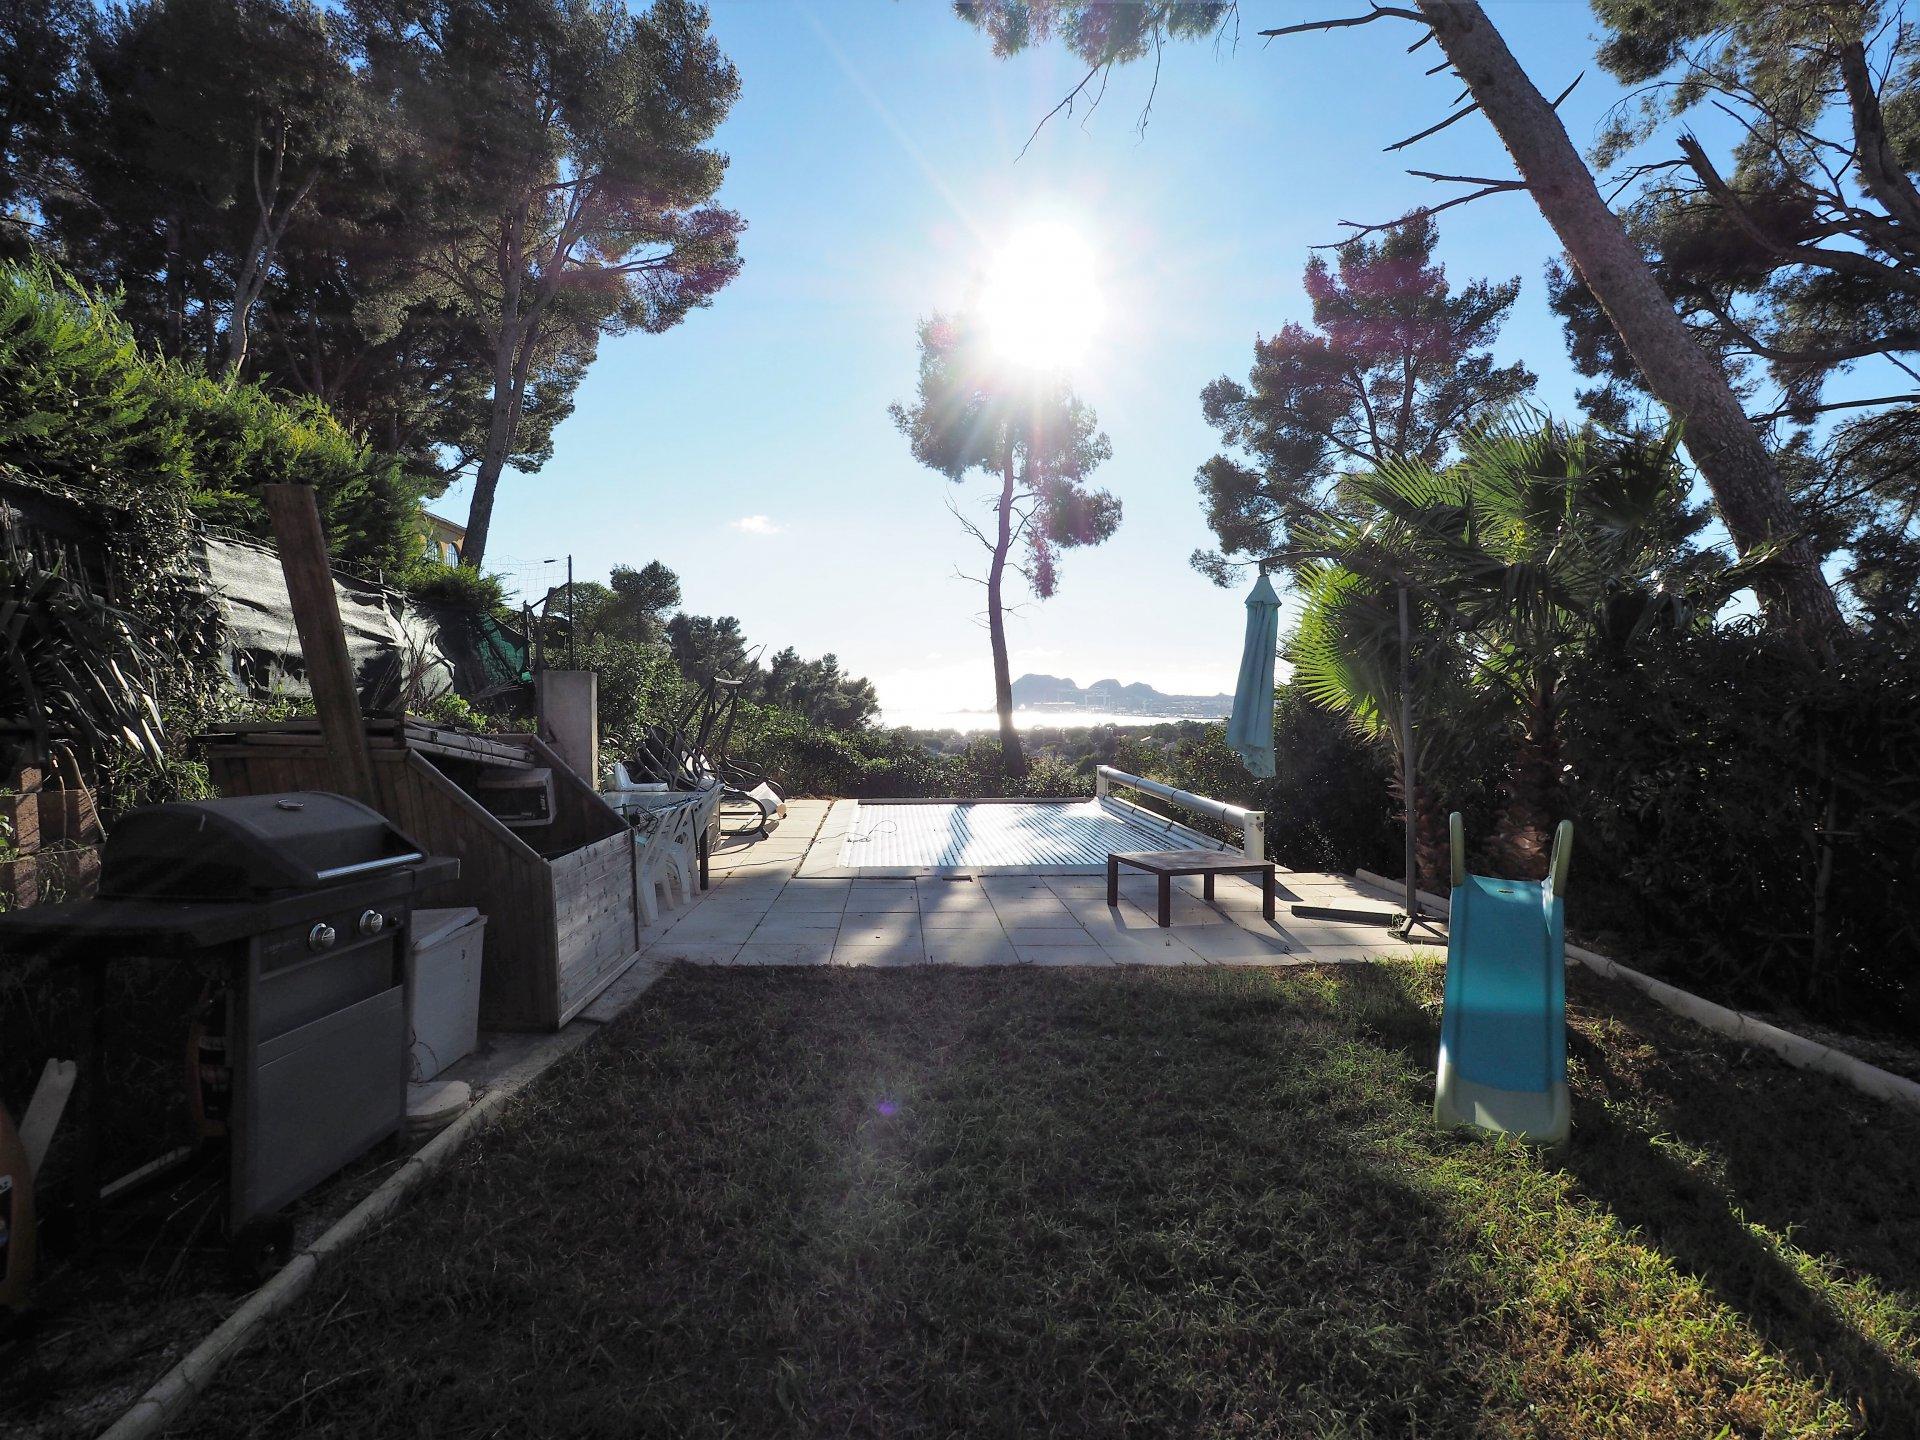 Maison à louer La Ciotat  4 chambres piscine et vue mer